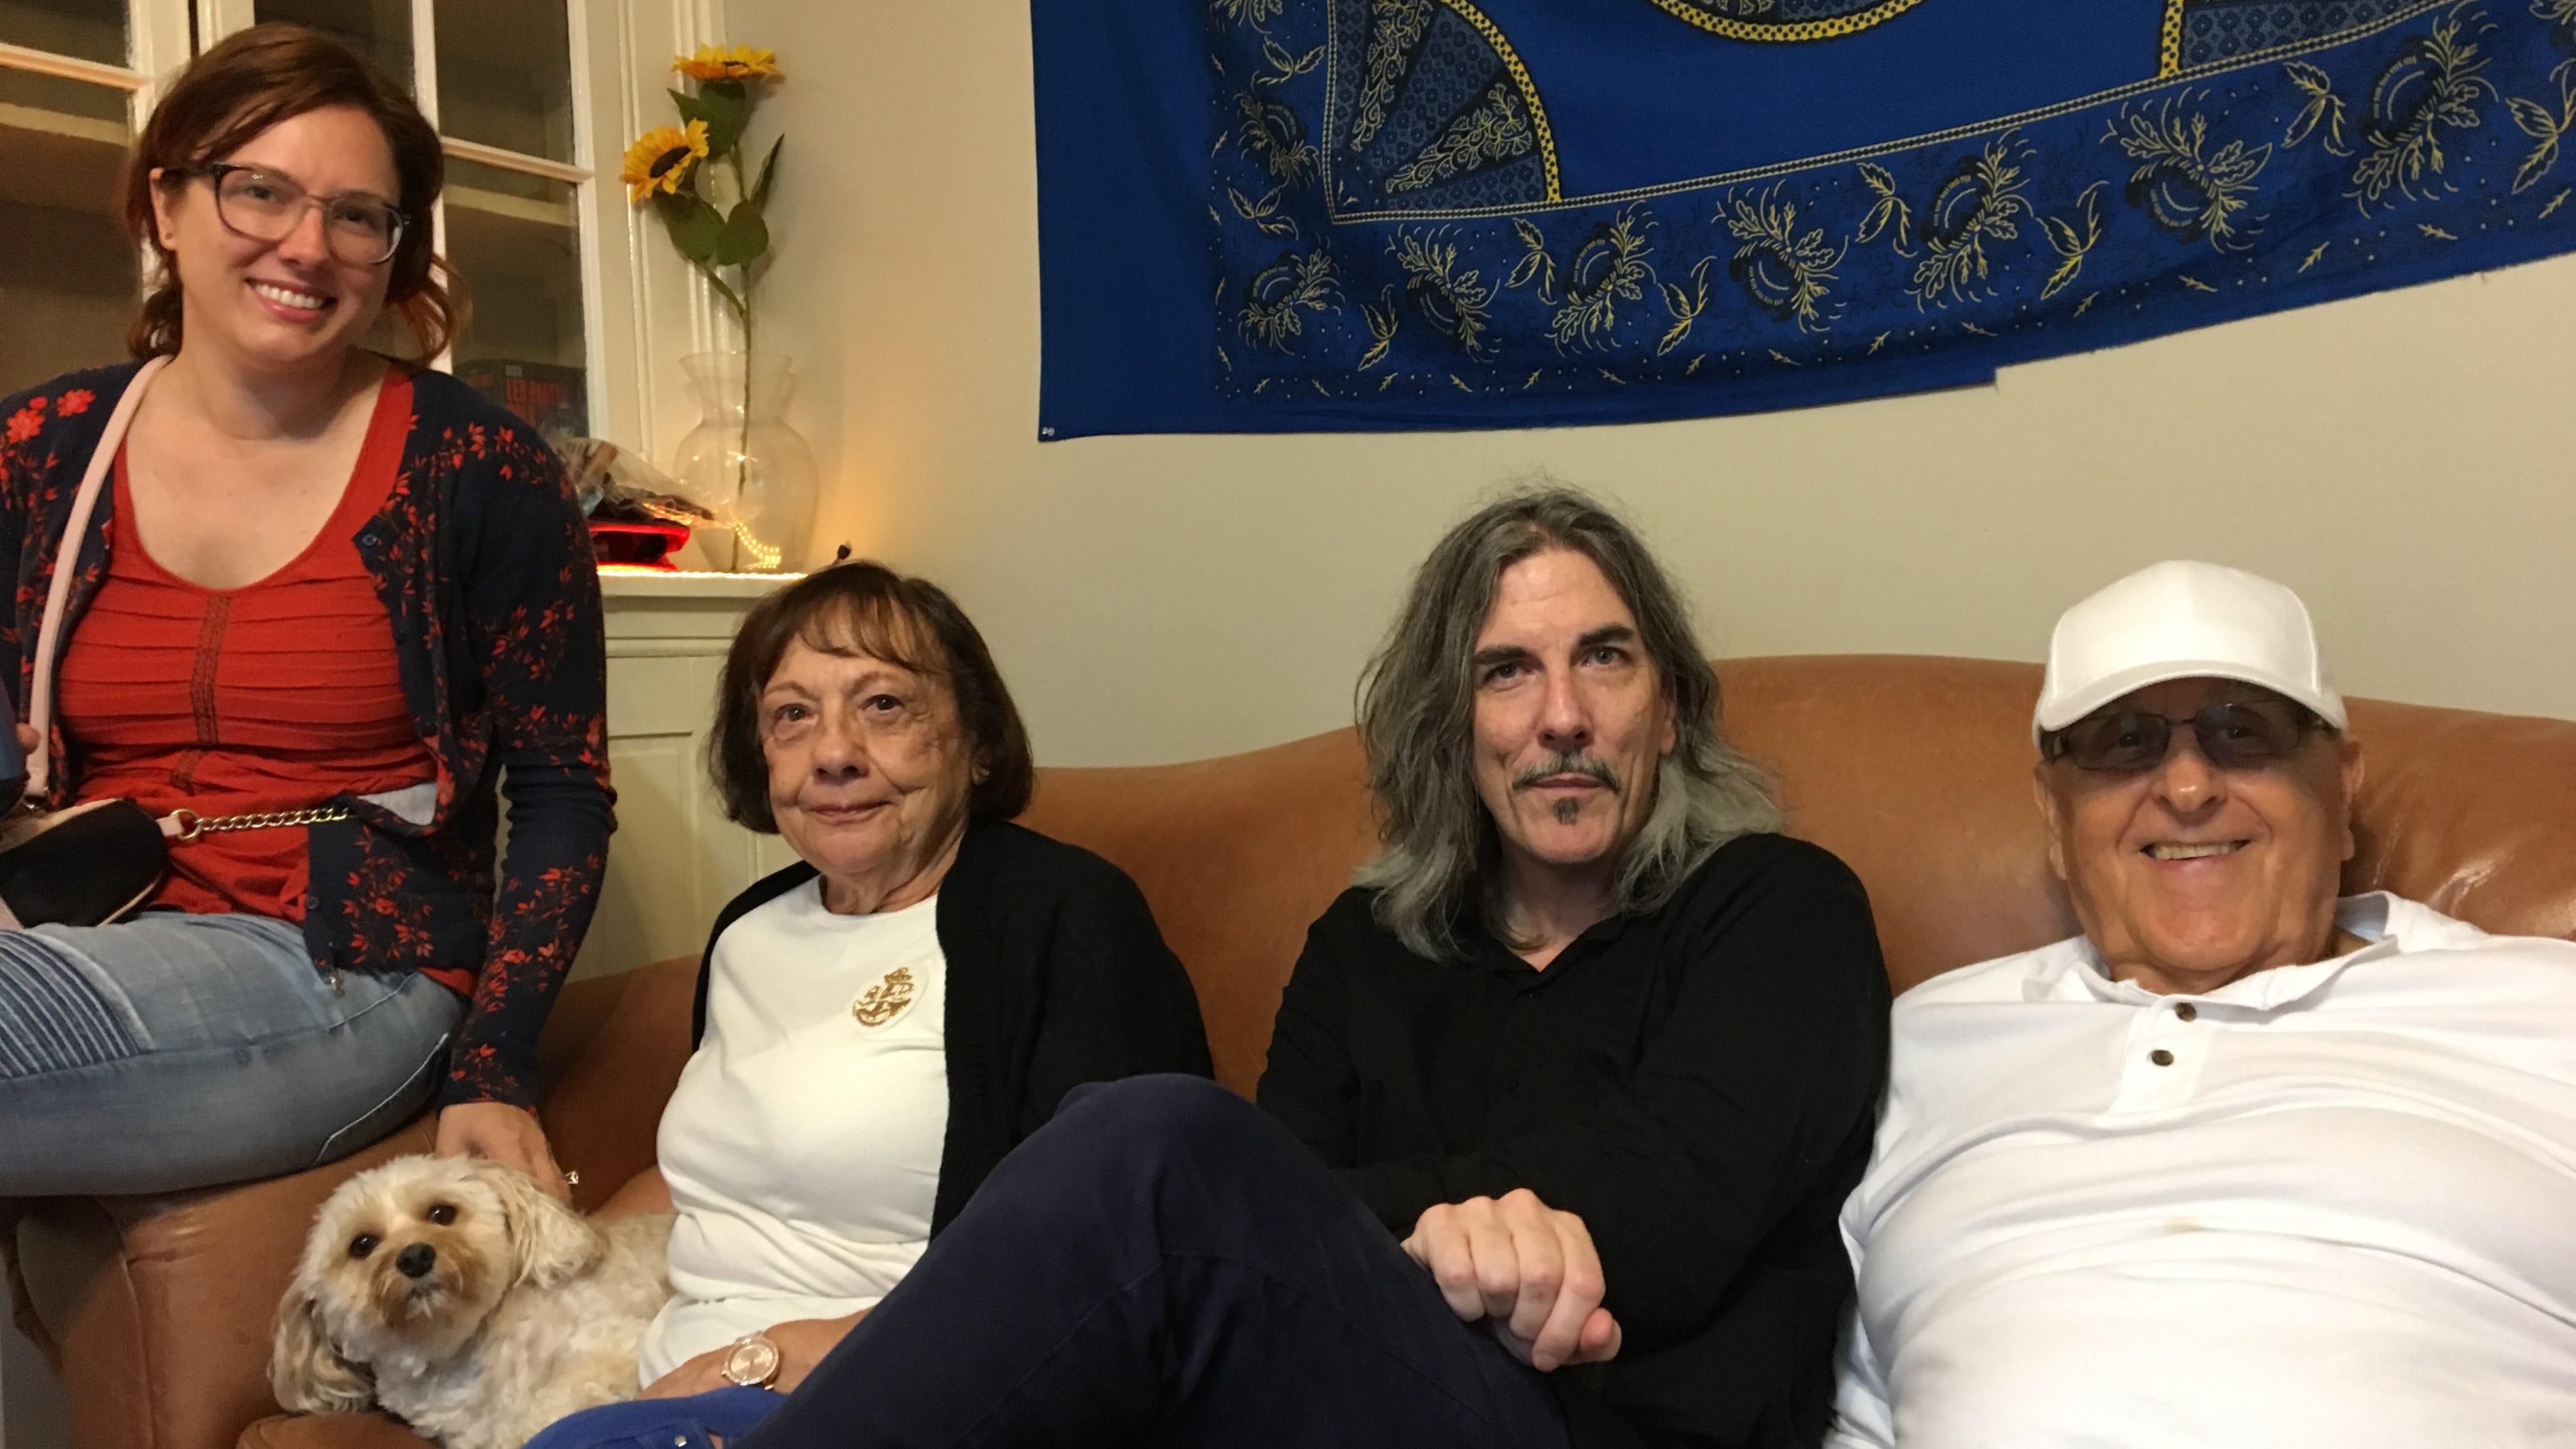 Fleeing Florence, Carolinians take shelter in Staunton